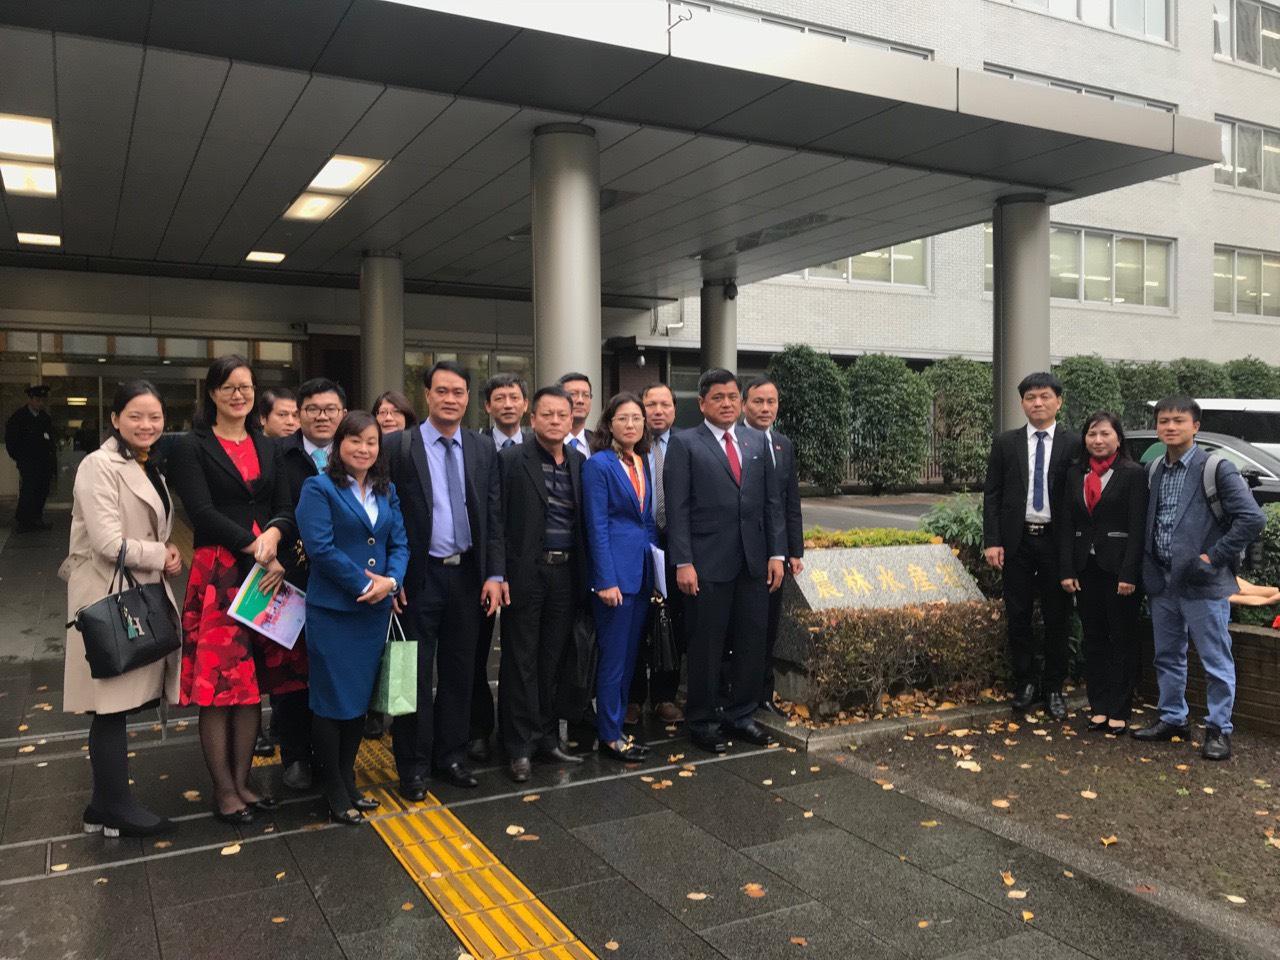 Giám đốc Đối Ngoại Tín Phát tháp tùng phái đoàn Bộ Nông nghiệp Việt Nam sang làm việc với Bộ Nông Lâm Thủy sản Nhật Bản